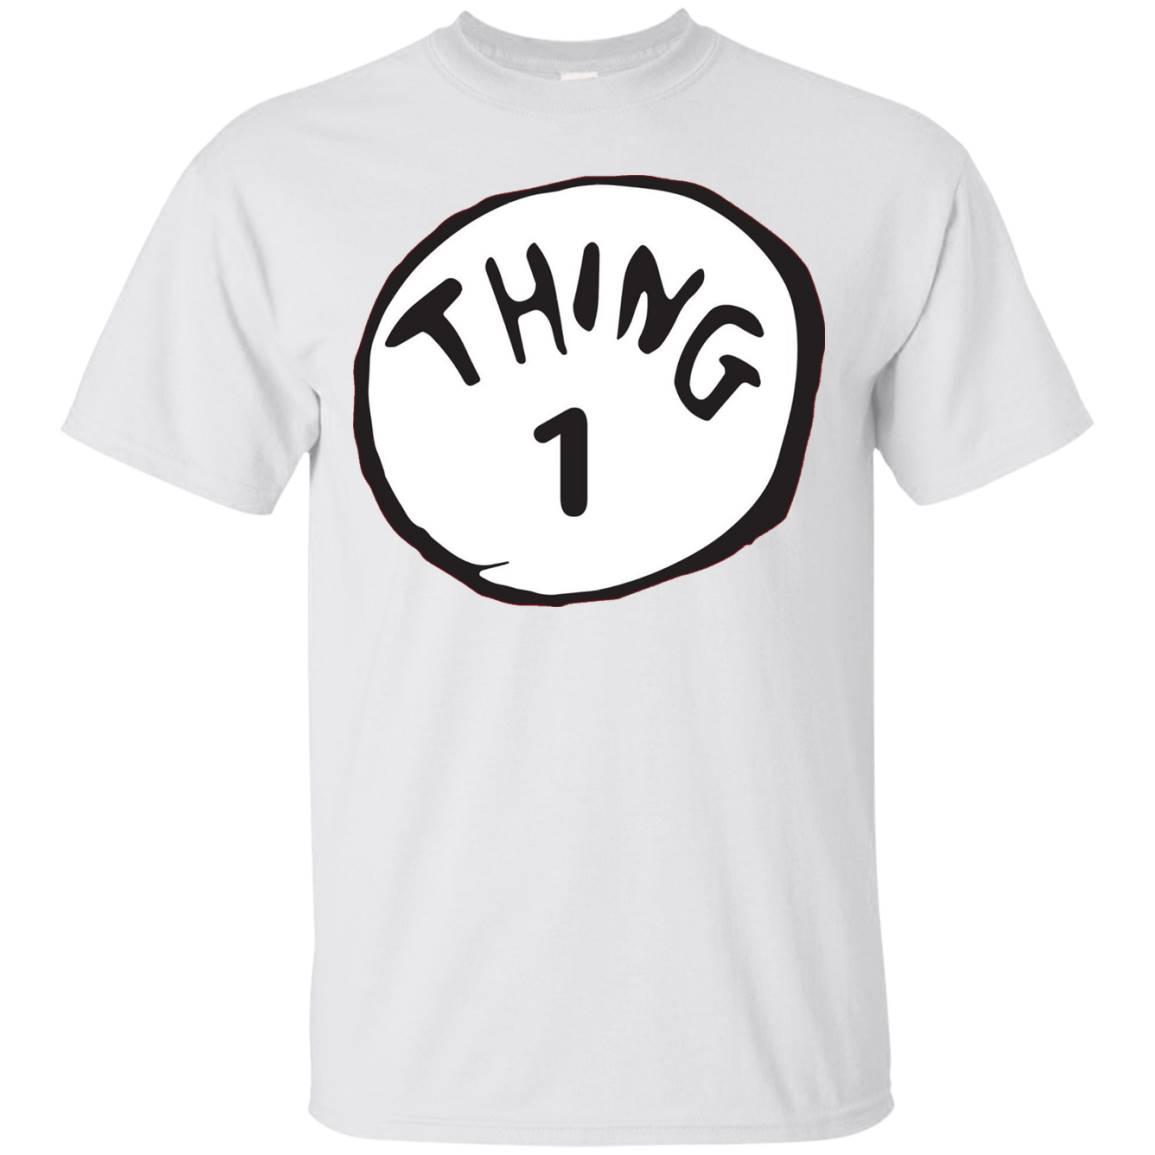 Thing 1 High Quality T-Shirt